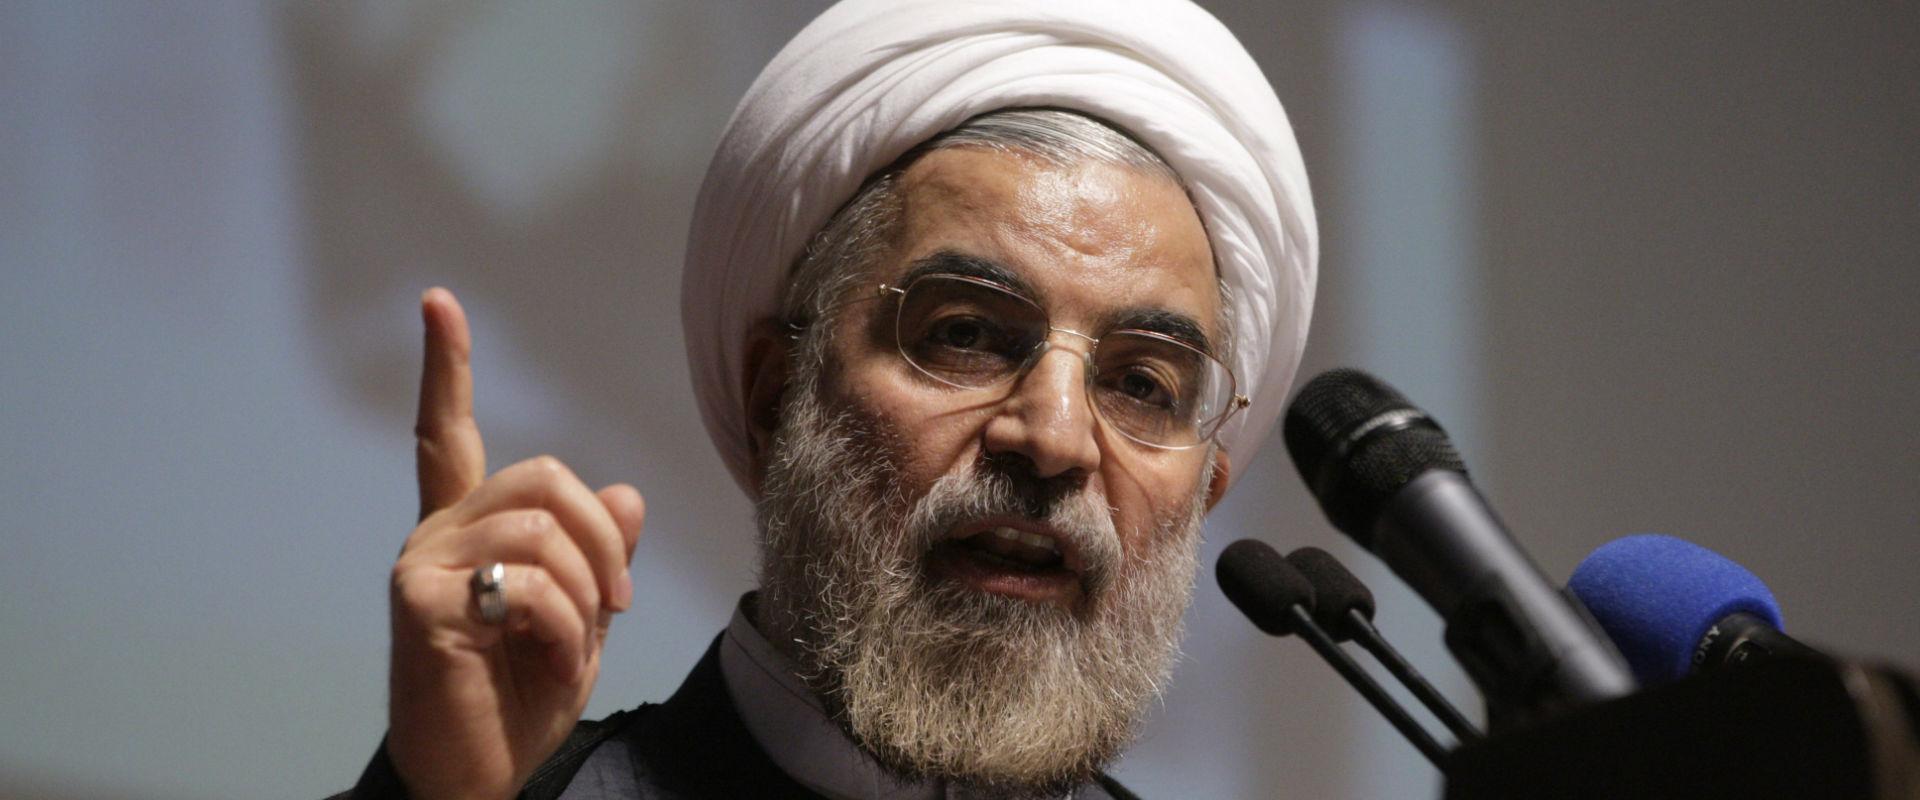 נשיא איראן, חסן רוחאני